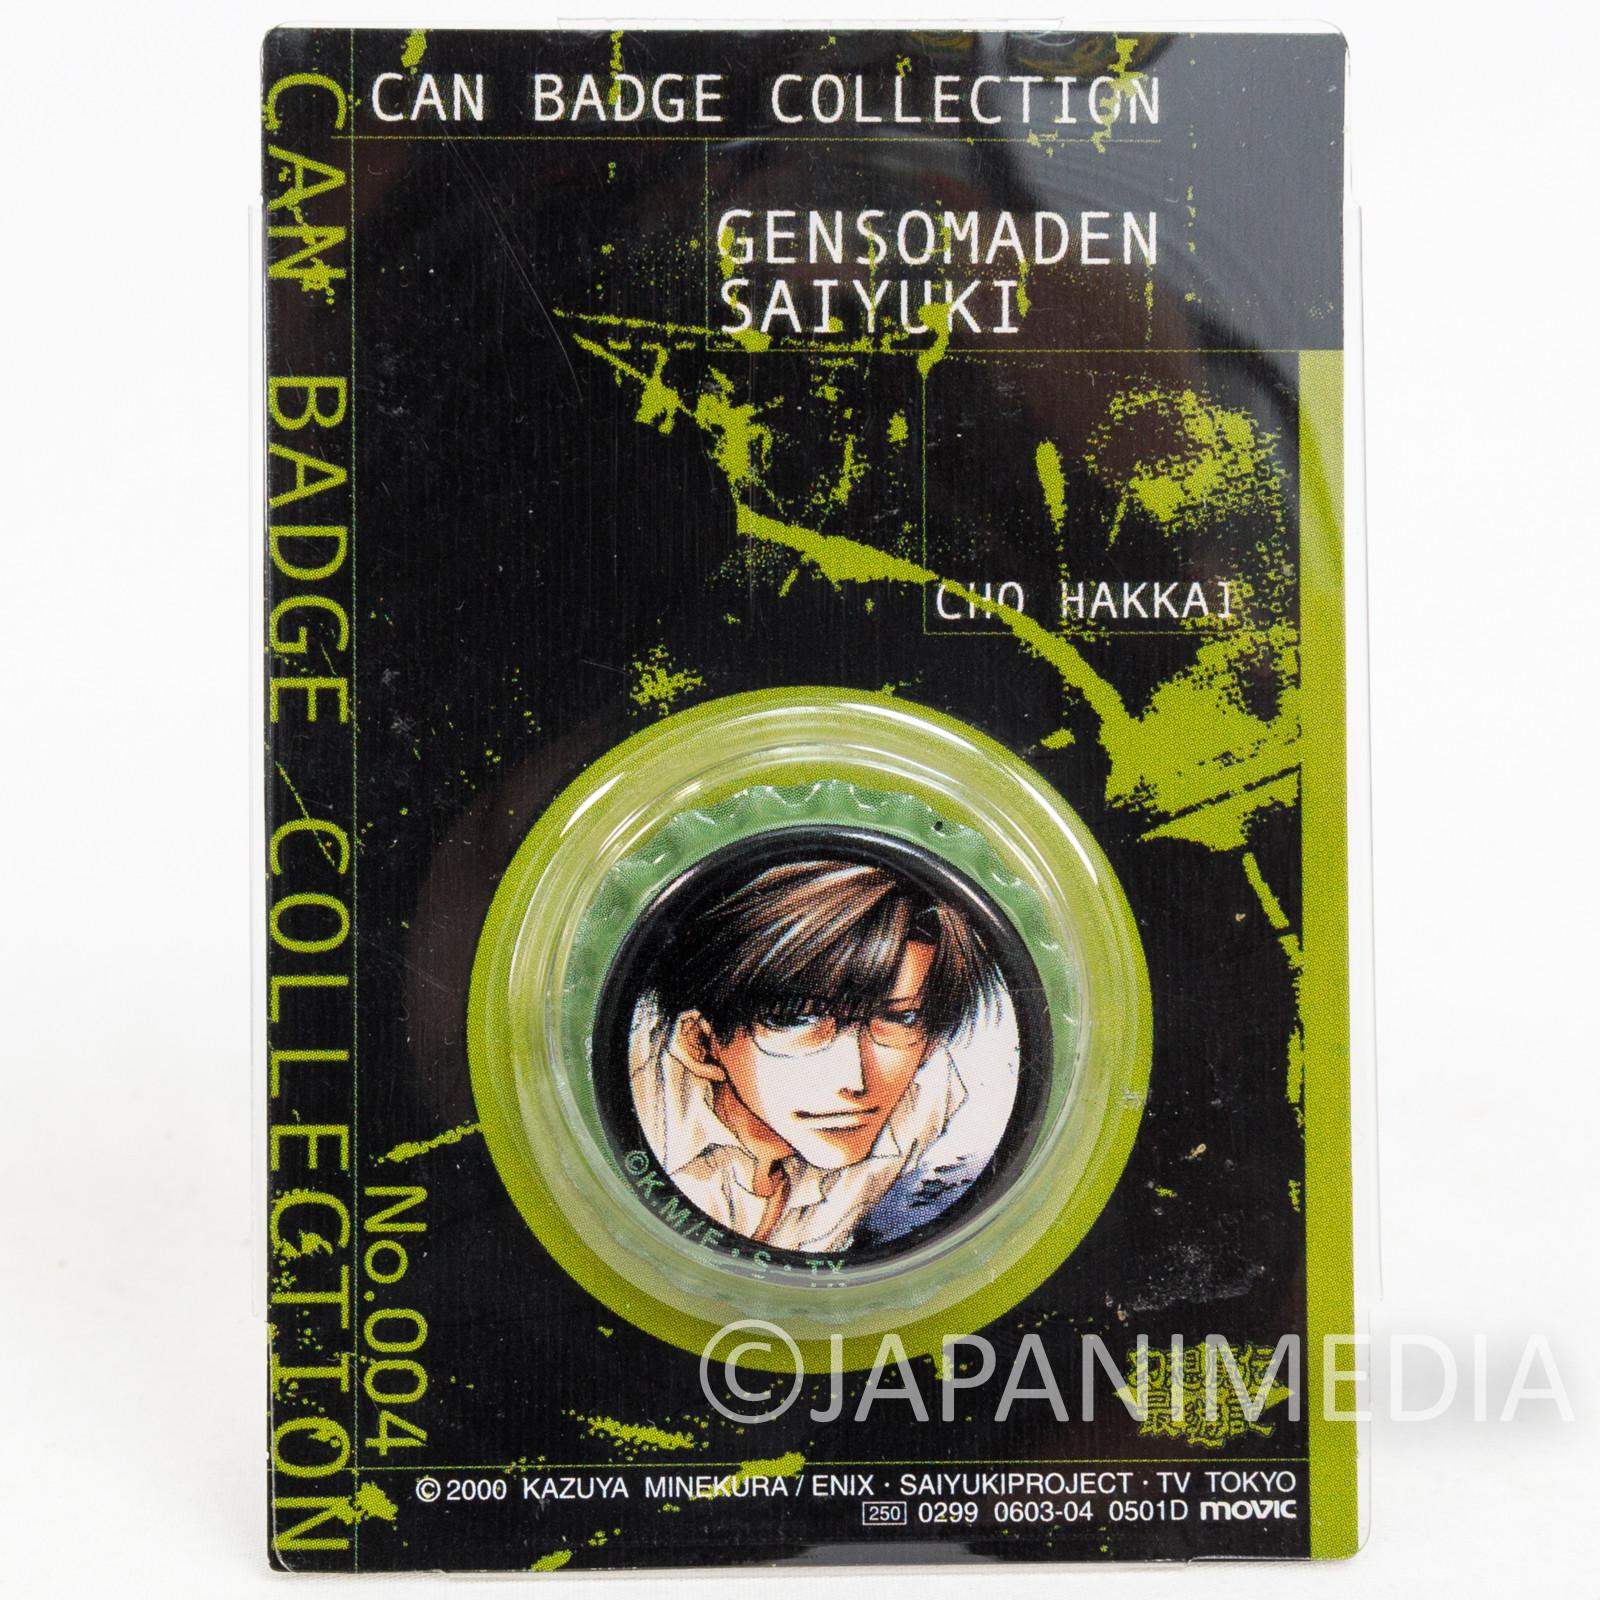 SAIYUKI Cho Hakkai Button badge Movic Kazuya Minekura JAPAN 2